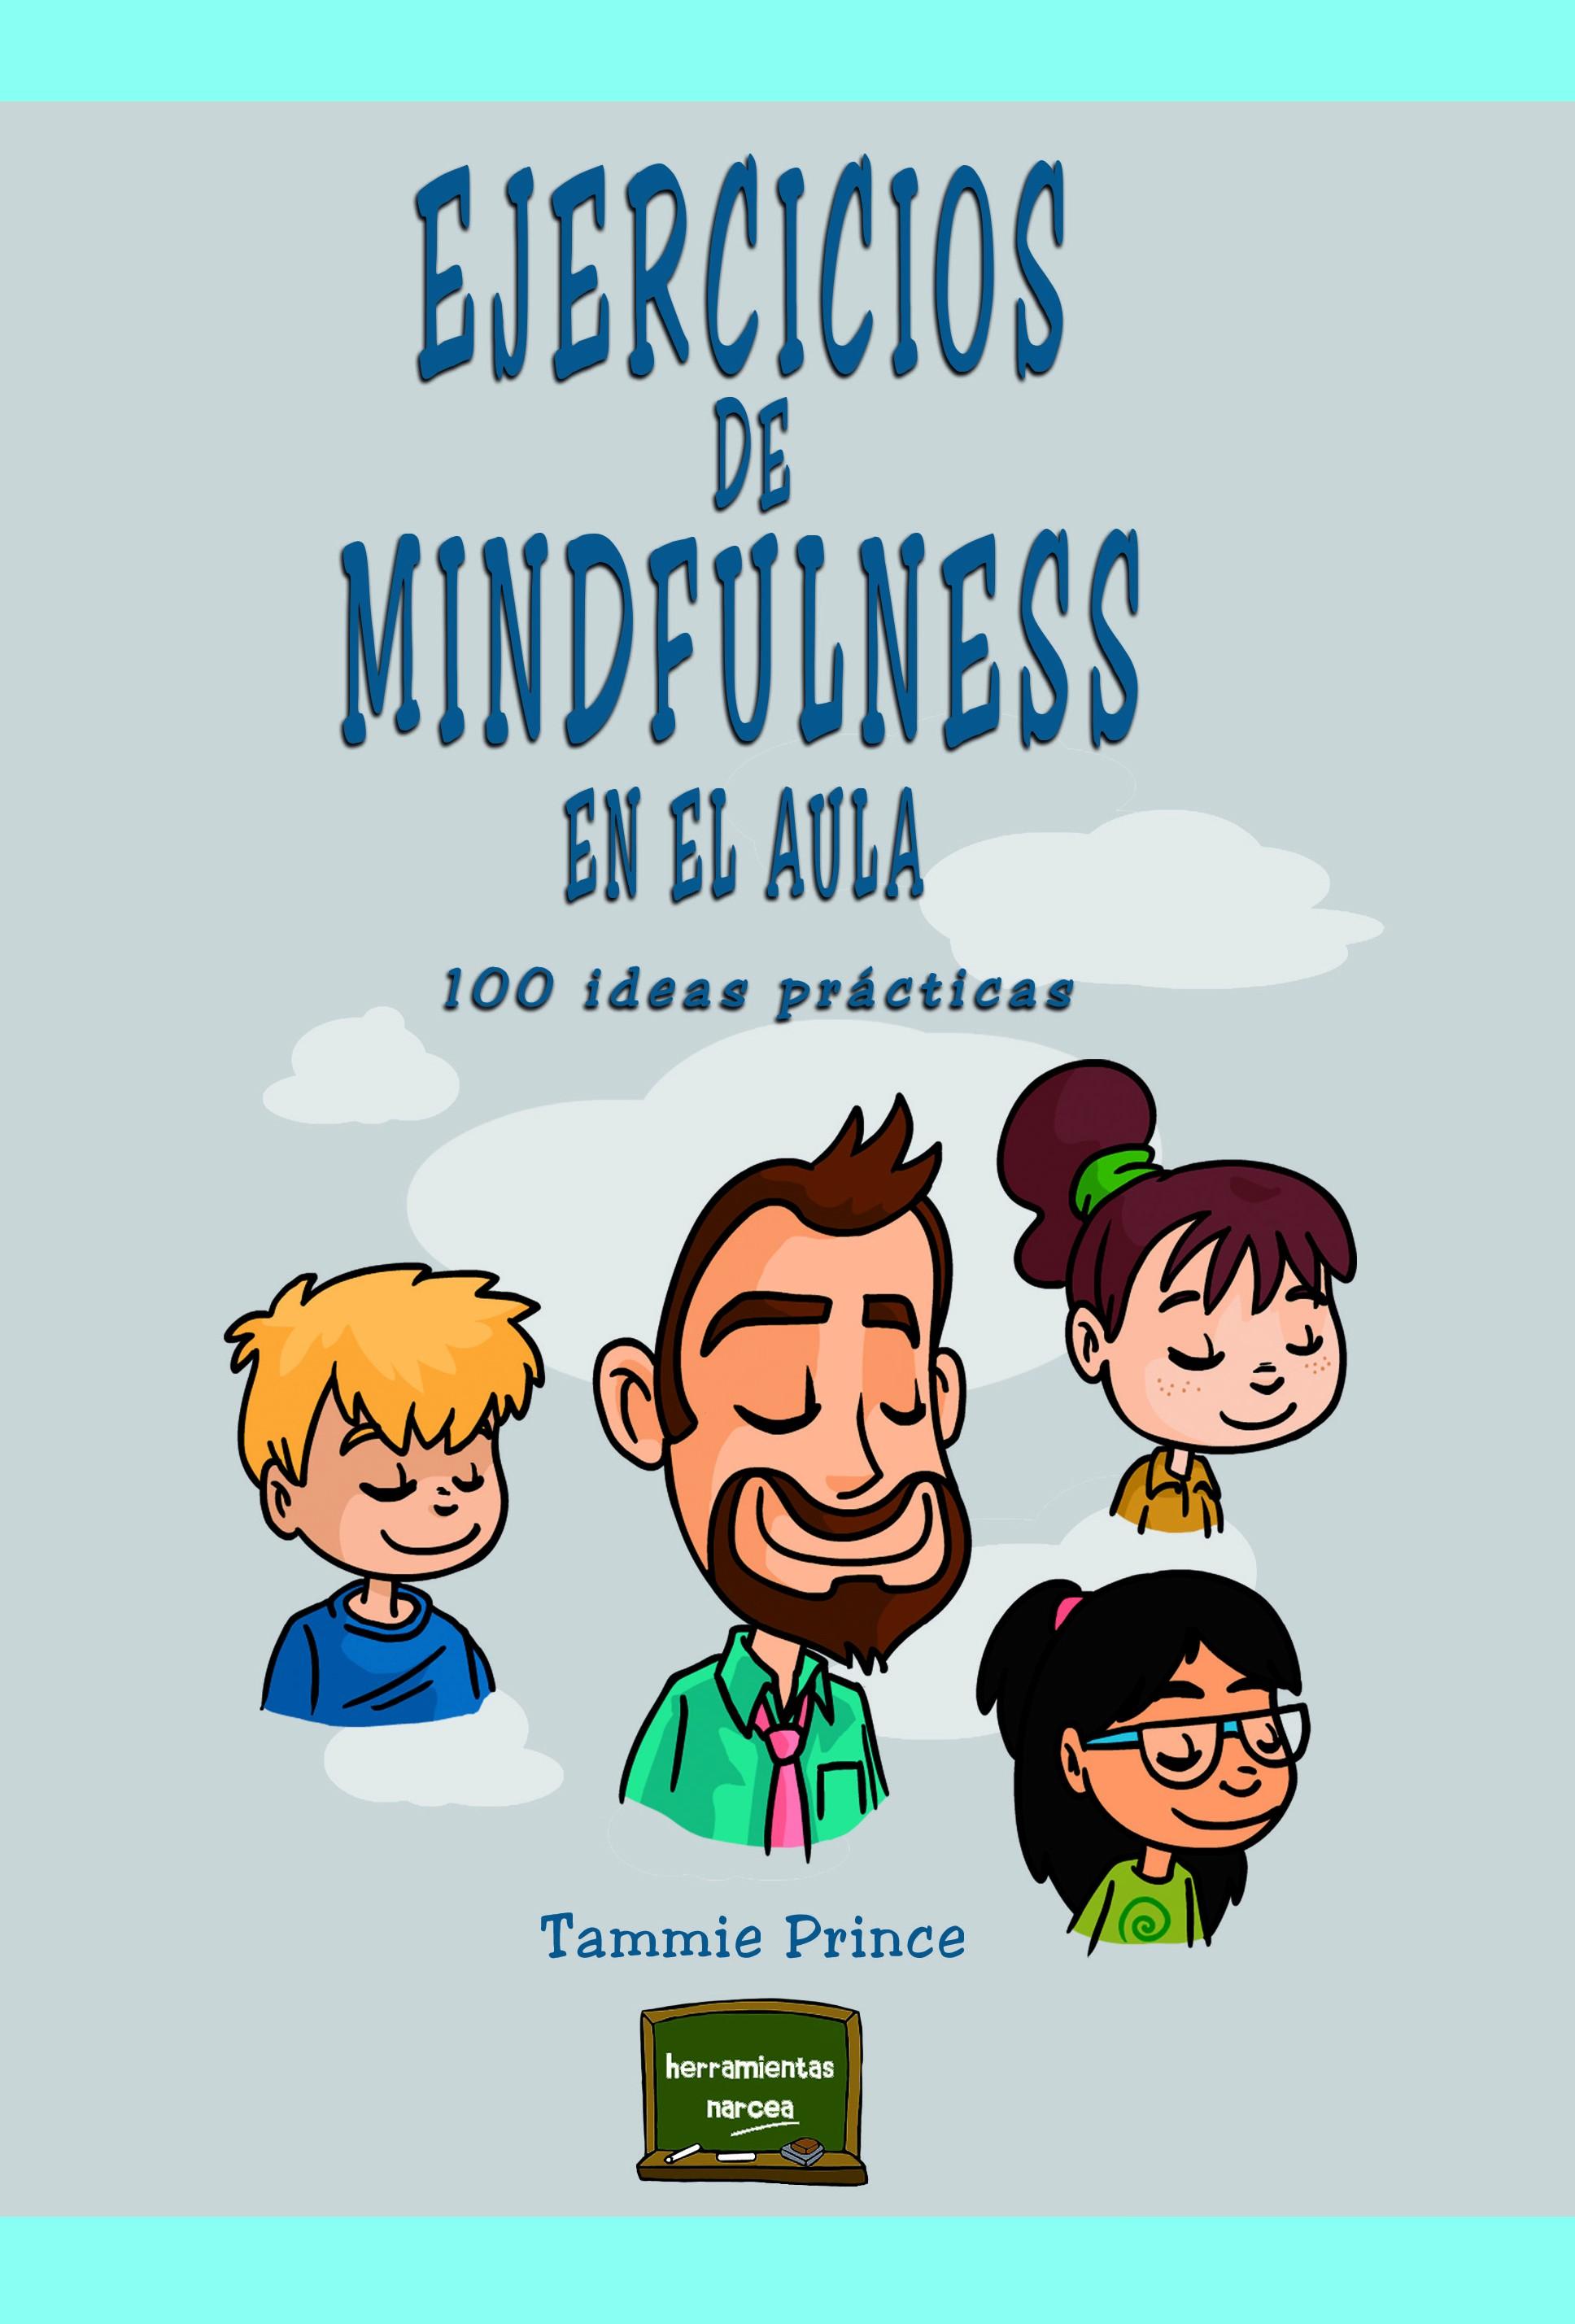 Ejercicios de mindfulness en el aula